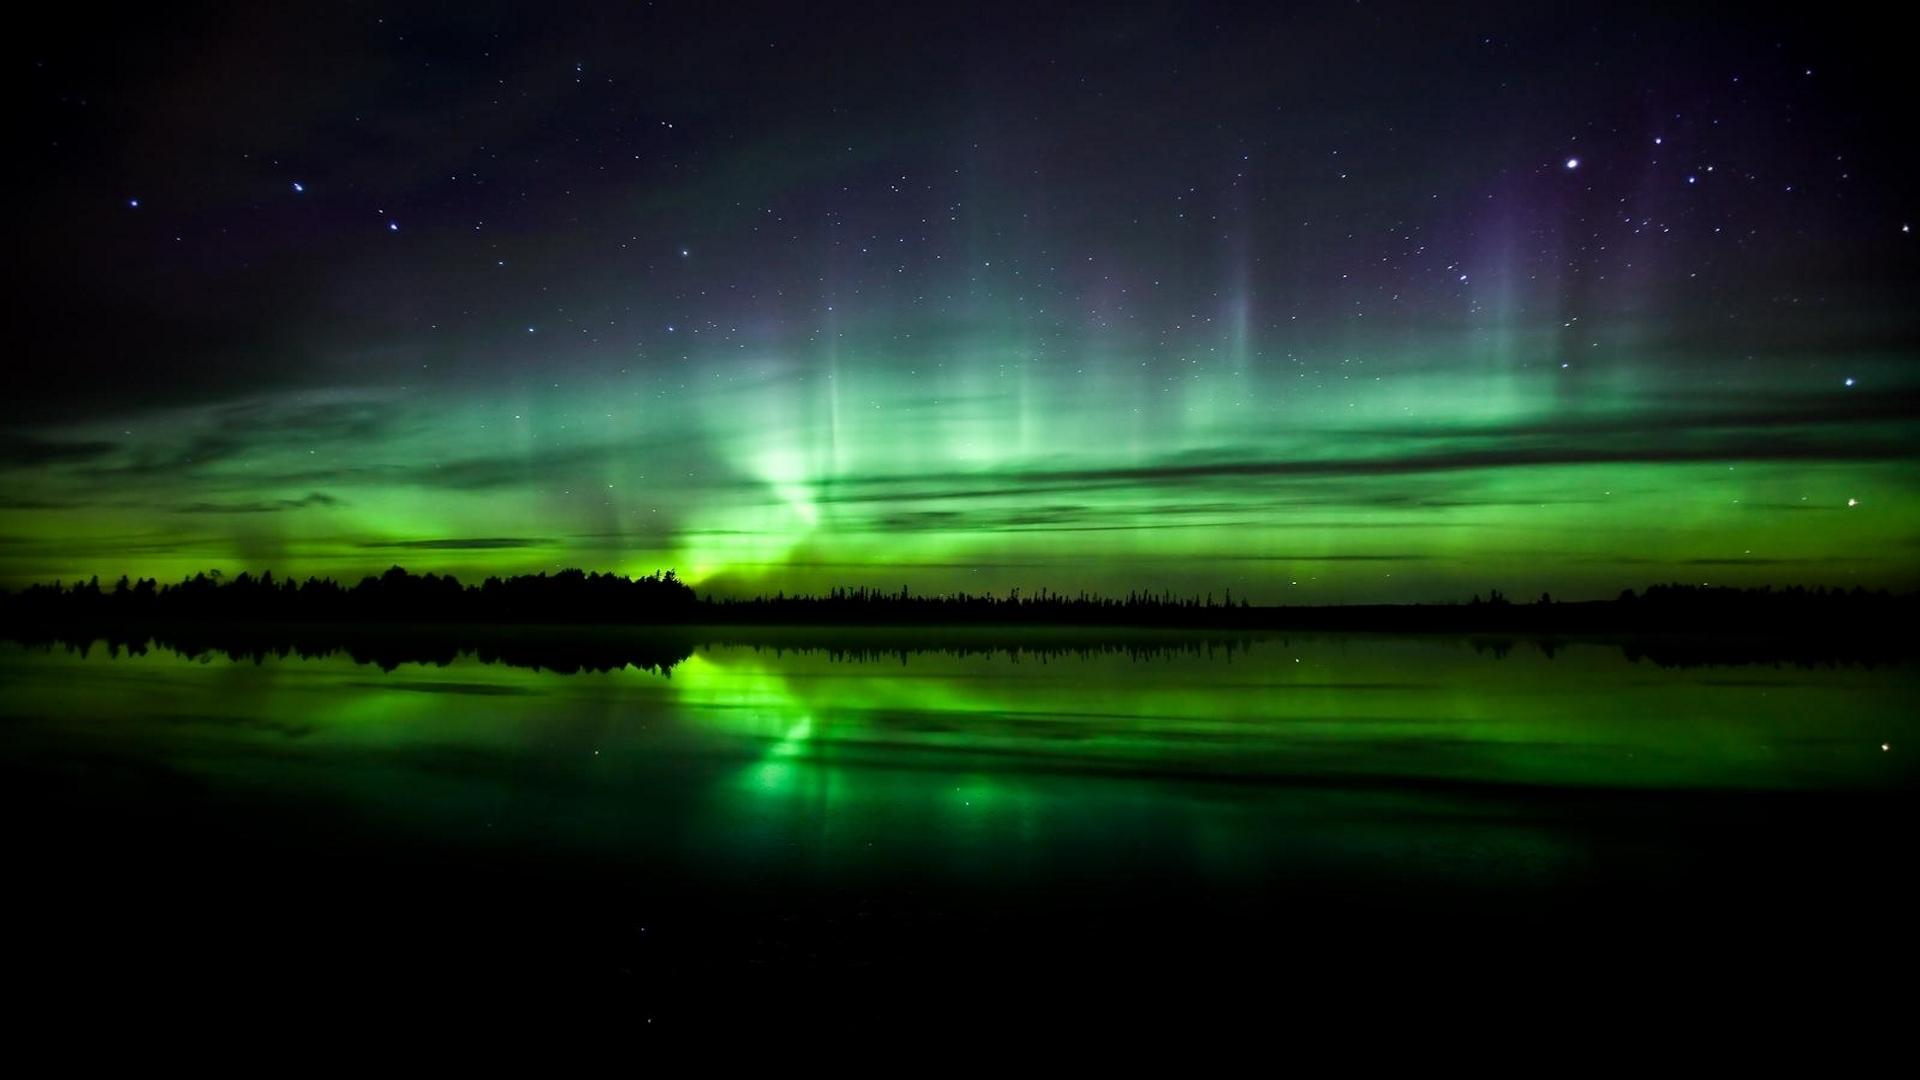 Download Wallpaper Beautiful greenish northern lights - 1920x1080